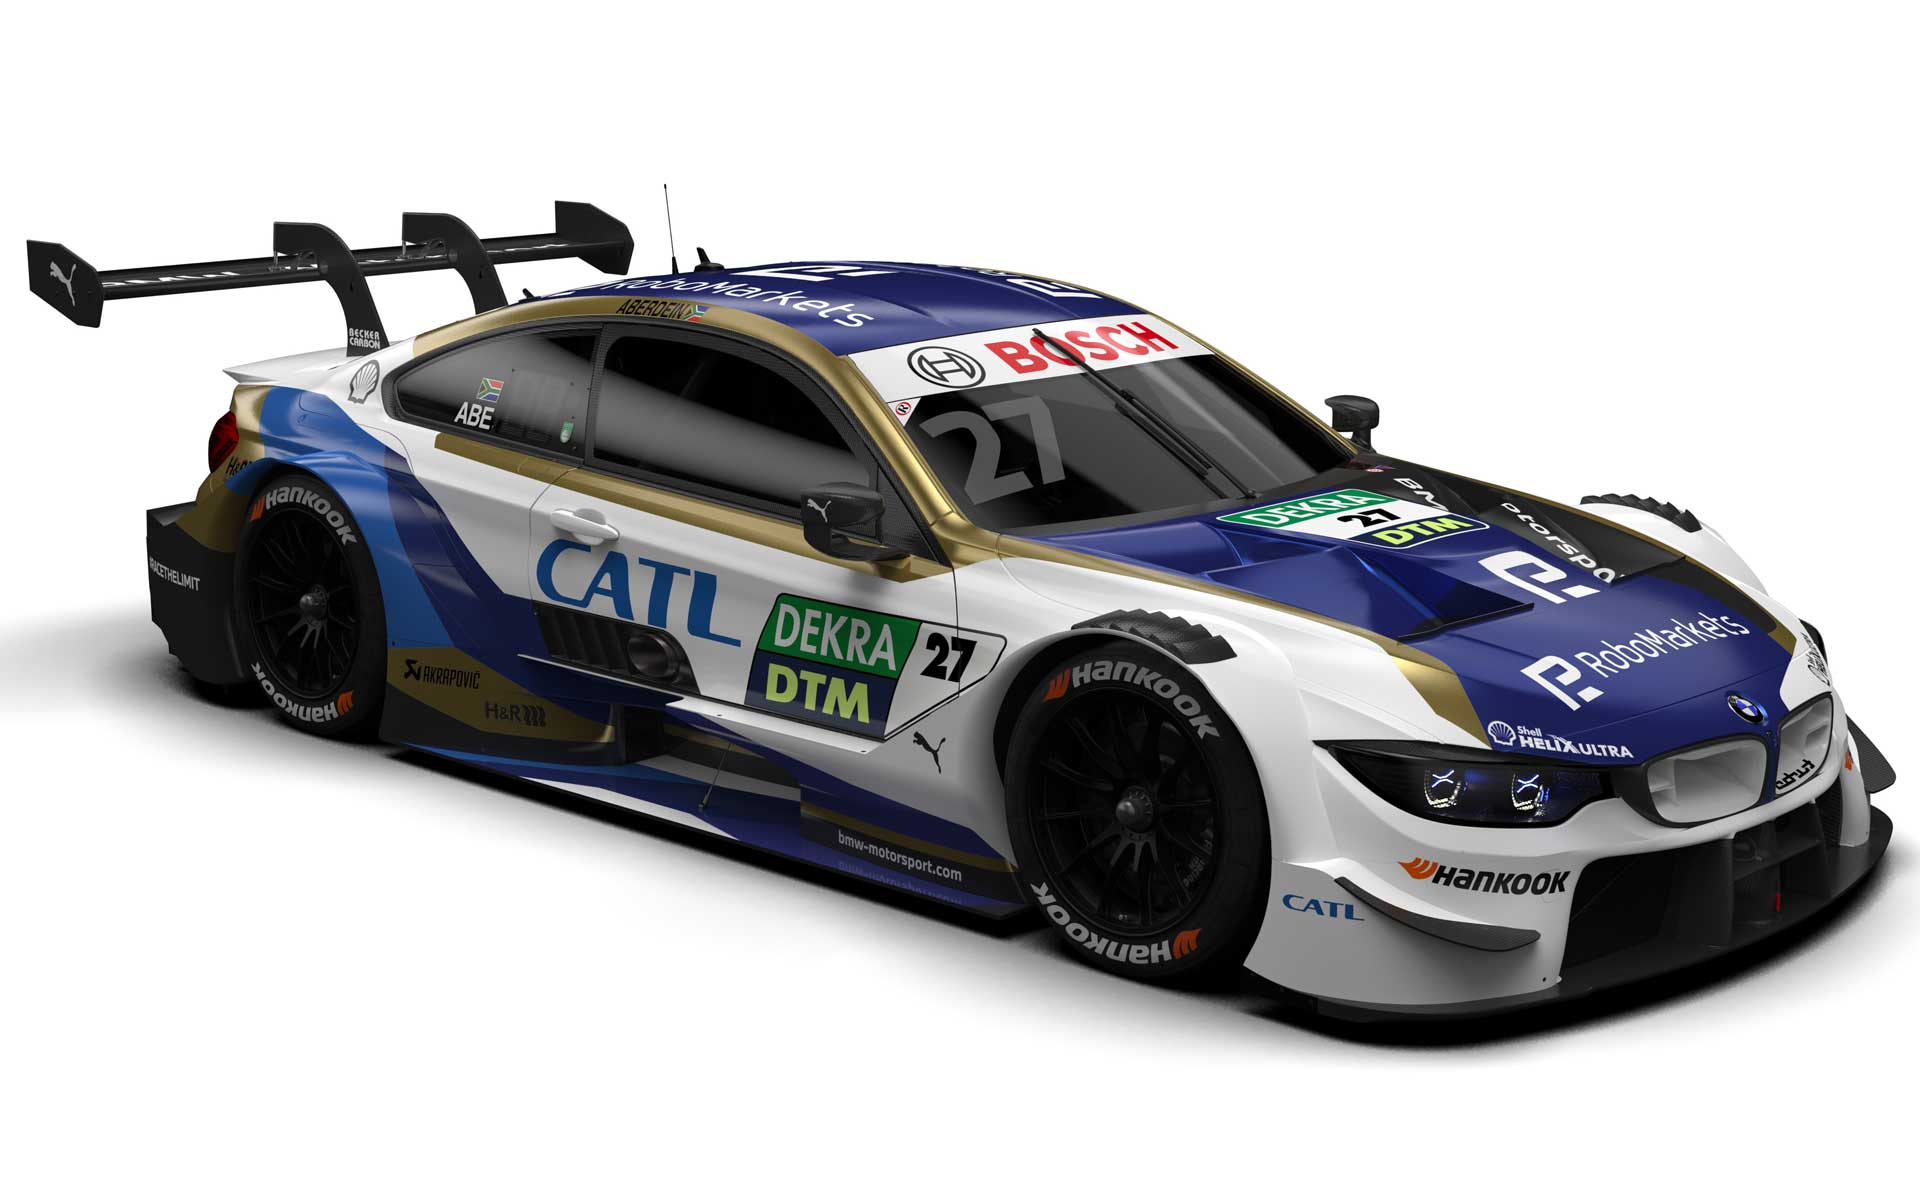 BMW CATL Aktie kaufen & investieren